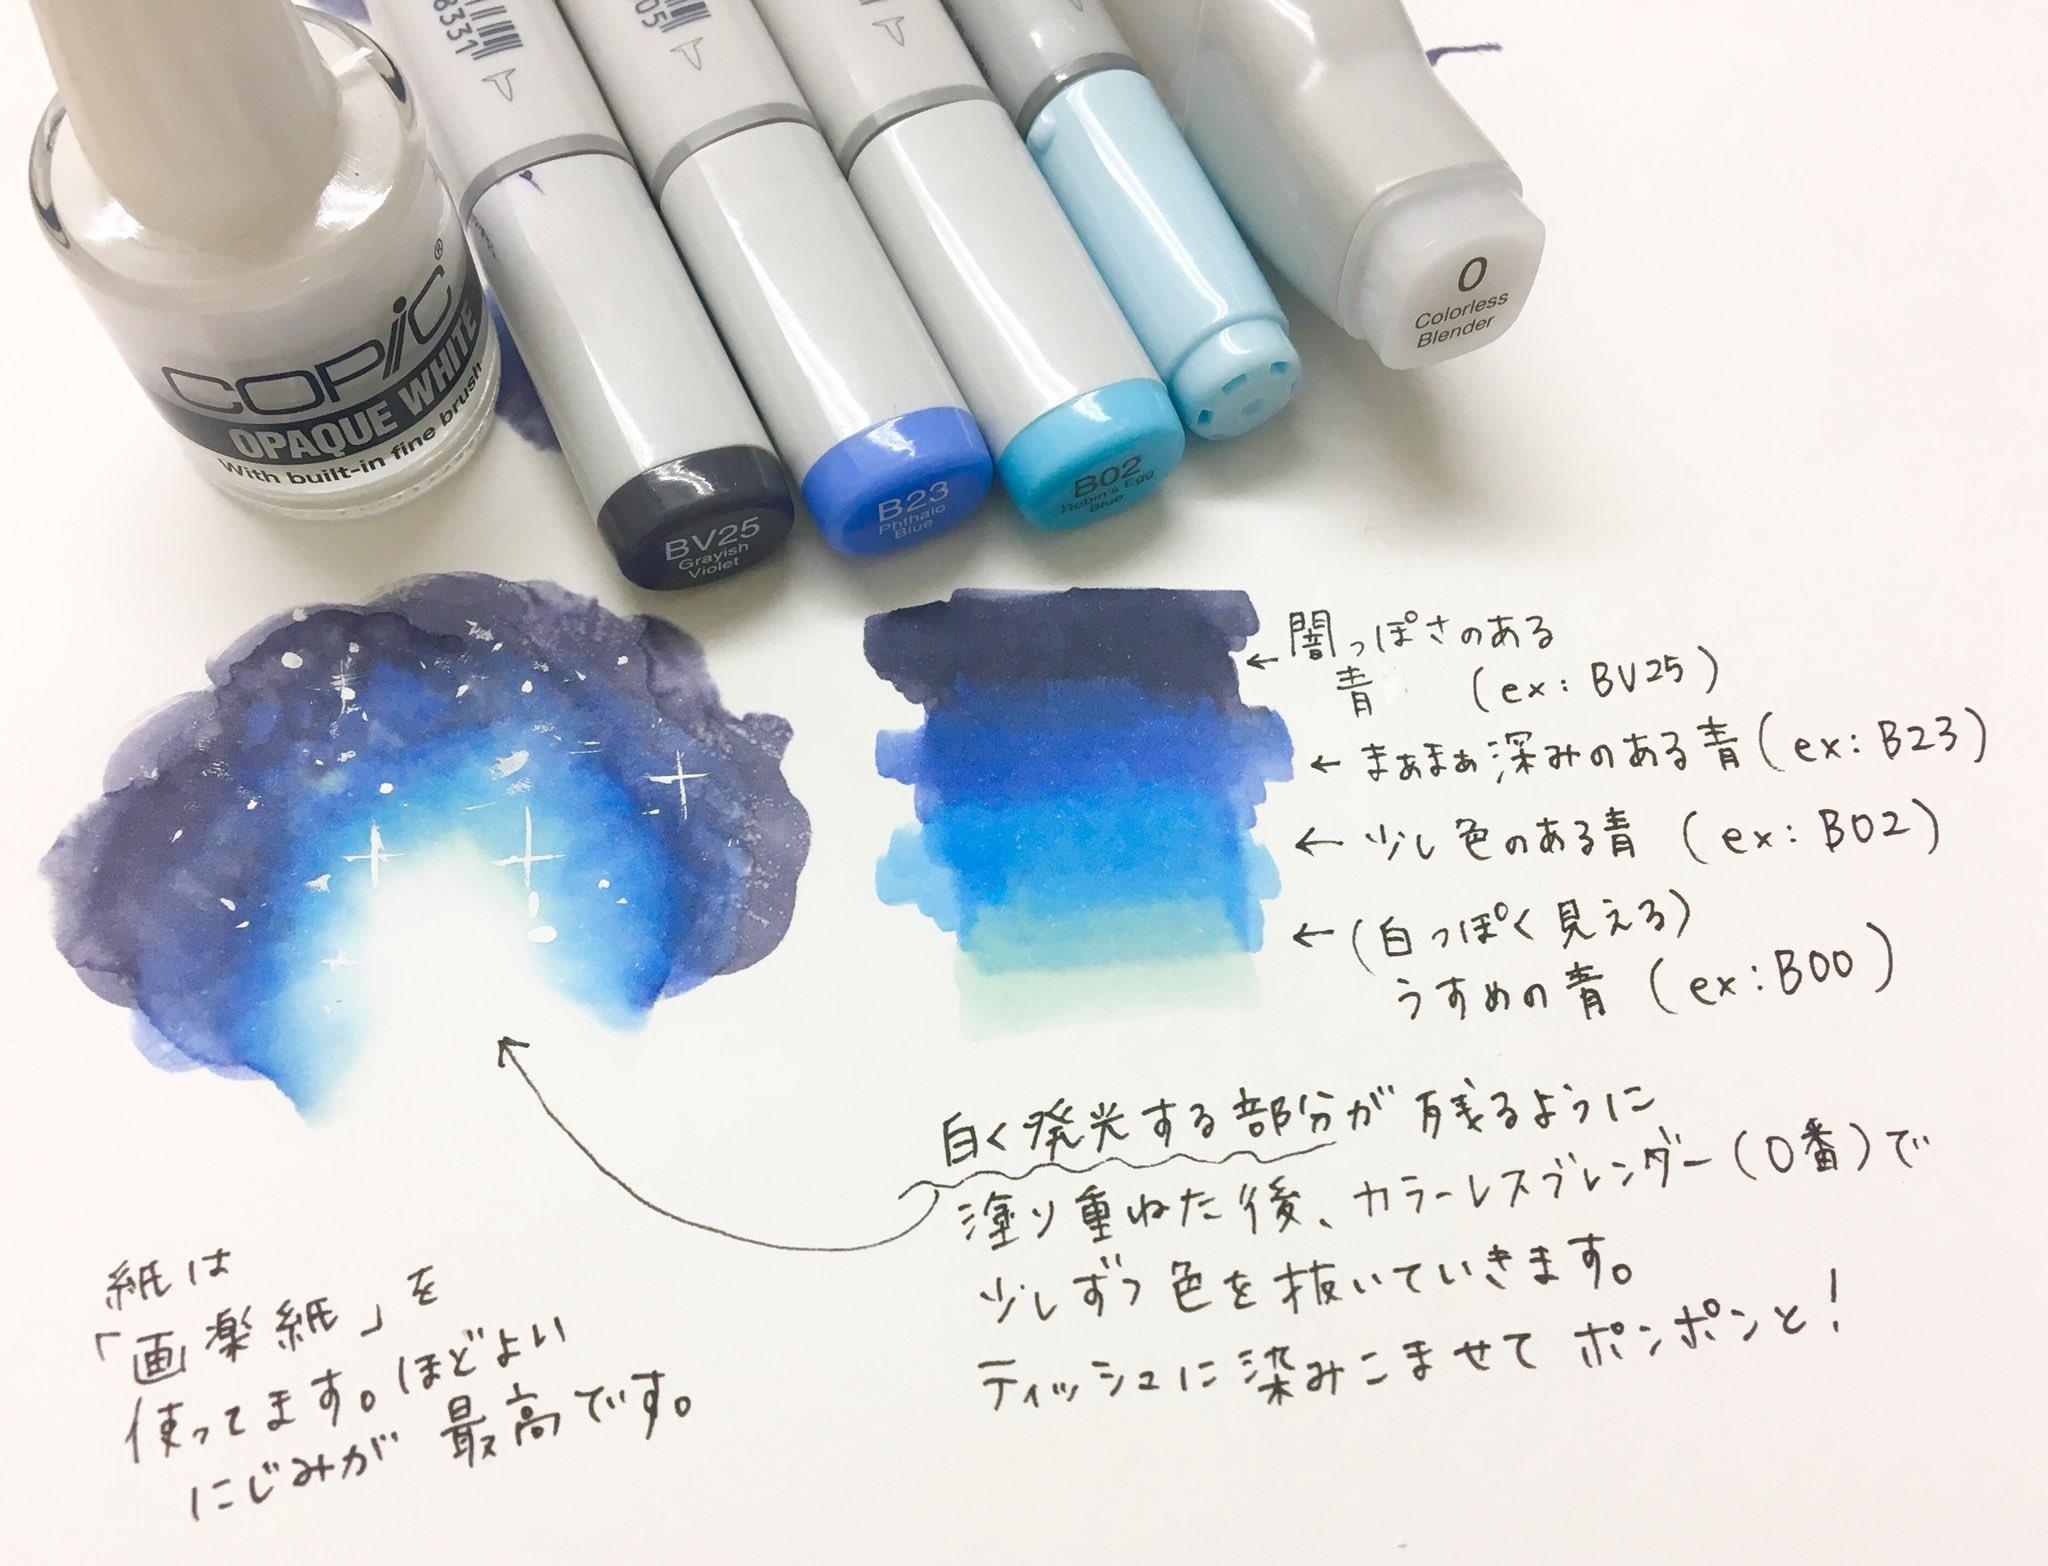 「宇宙柄の塗り方を教えてください」という質問が #コピック公式待ち にあったので…… 公式で監修をした『24色でできる!はじめてのコピック背景』(マール社)の塗り方を紹介します。 リプライに続きます🌍🛰🌕💫